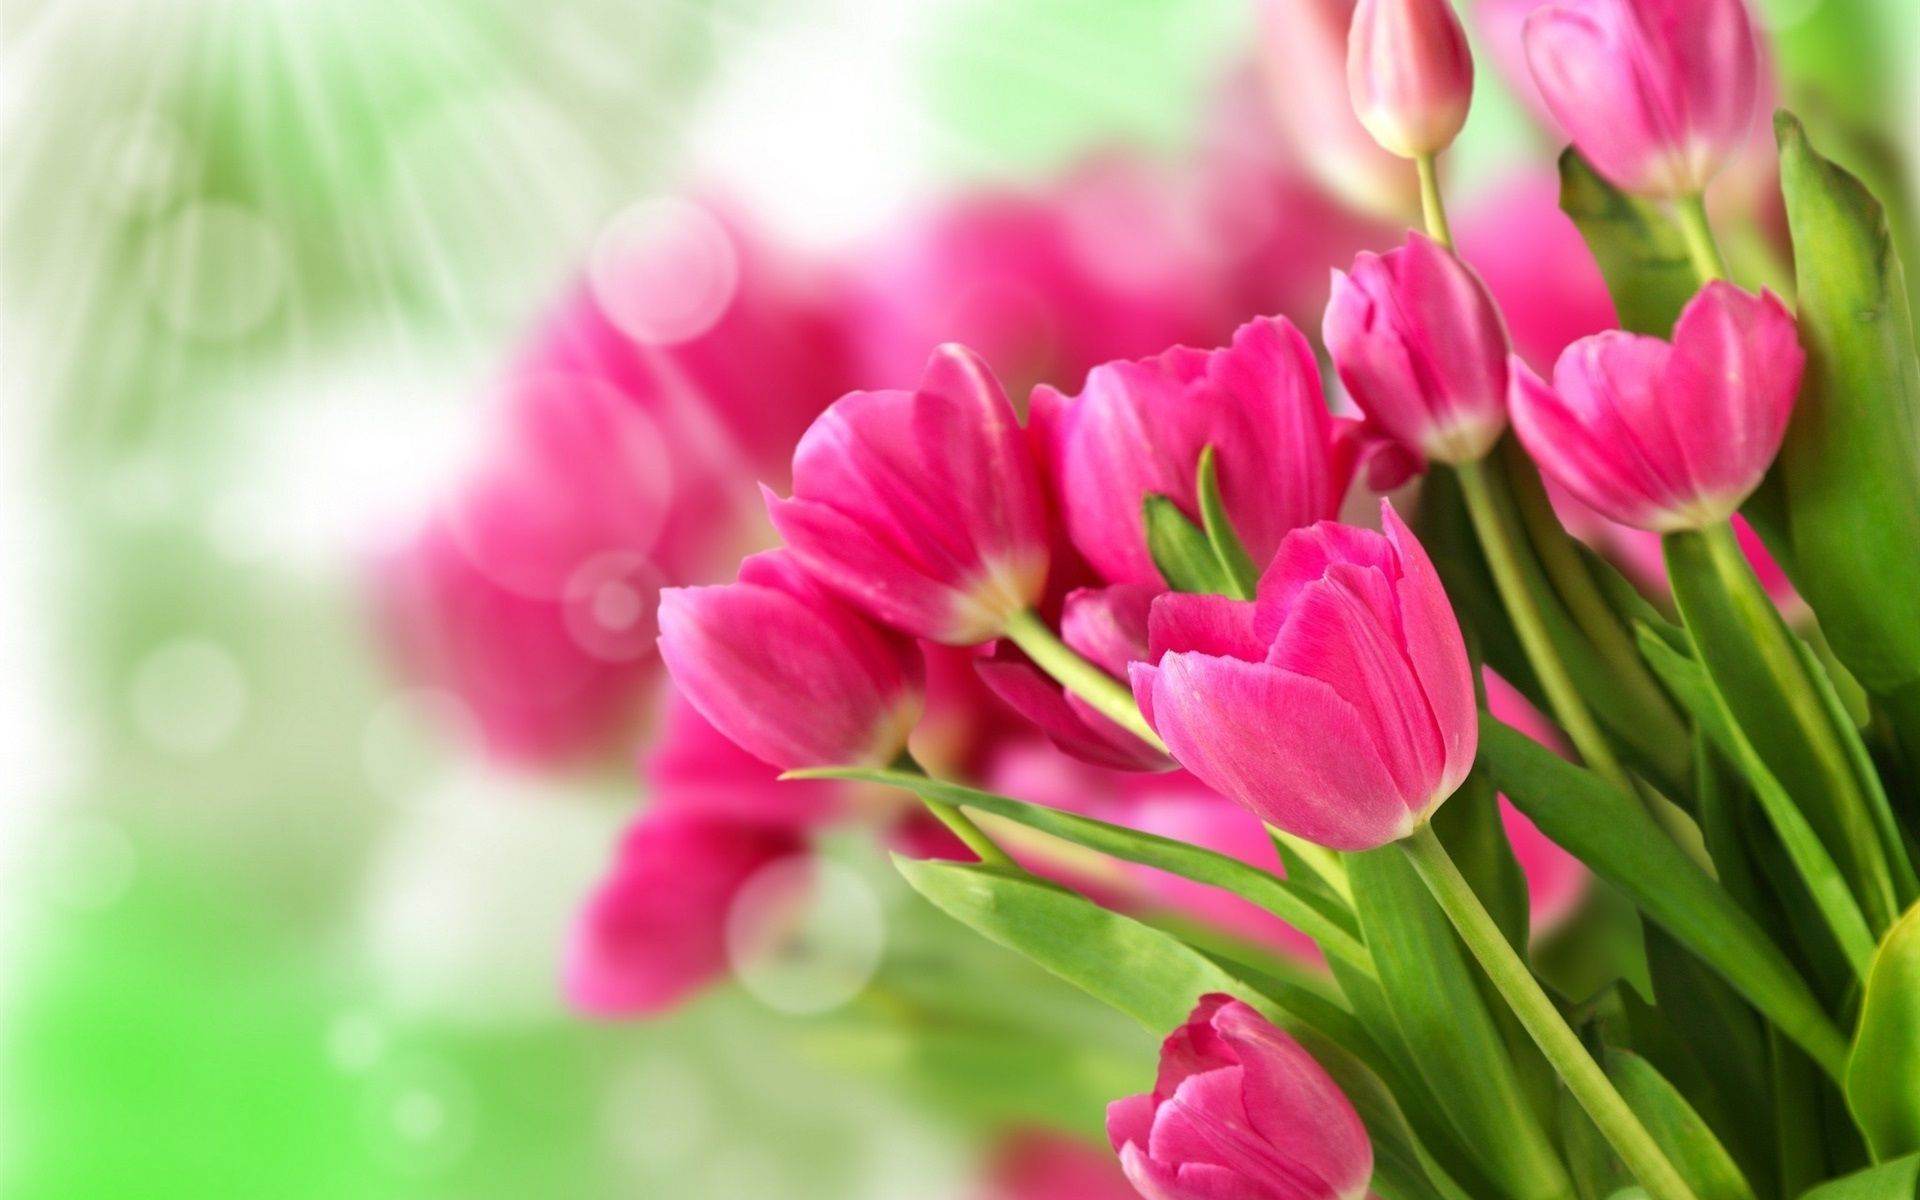 花束ピンクの花 チューリップ 日光 壁紙 19x10 壁紙ダウンロード ピンクのチューリップ 美しい花 季節の生花種類